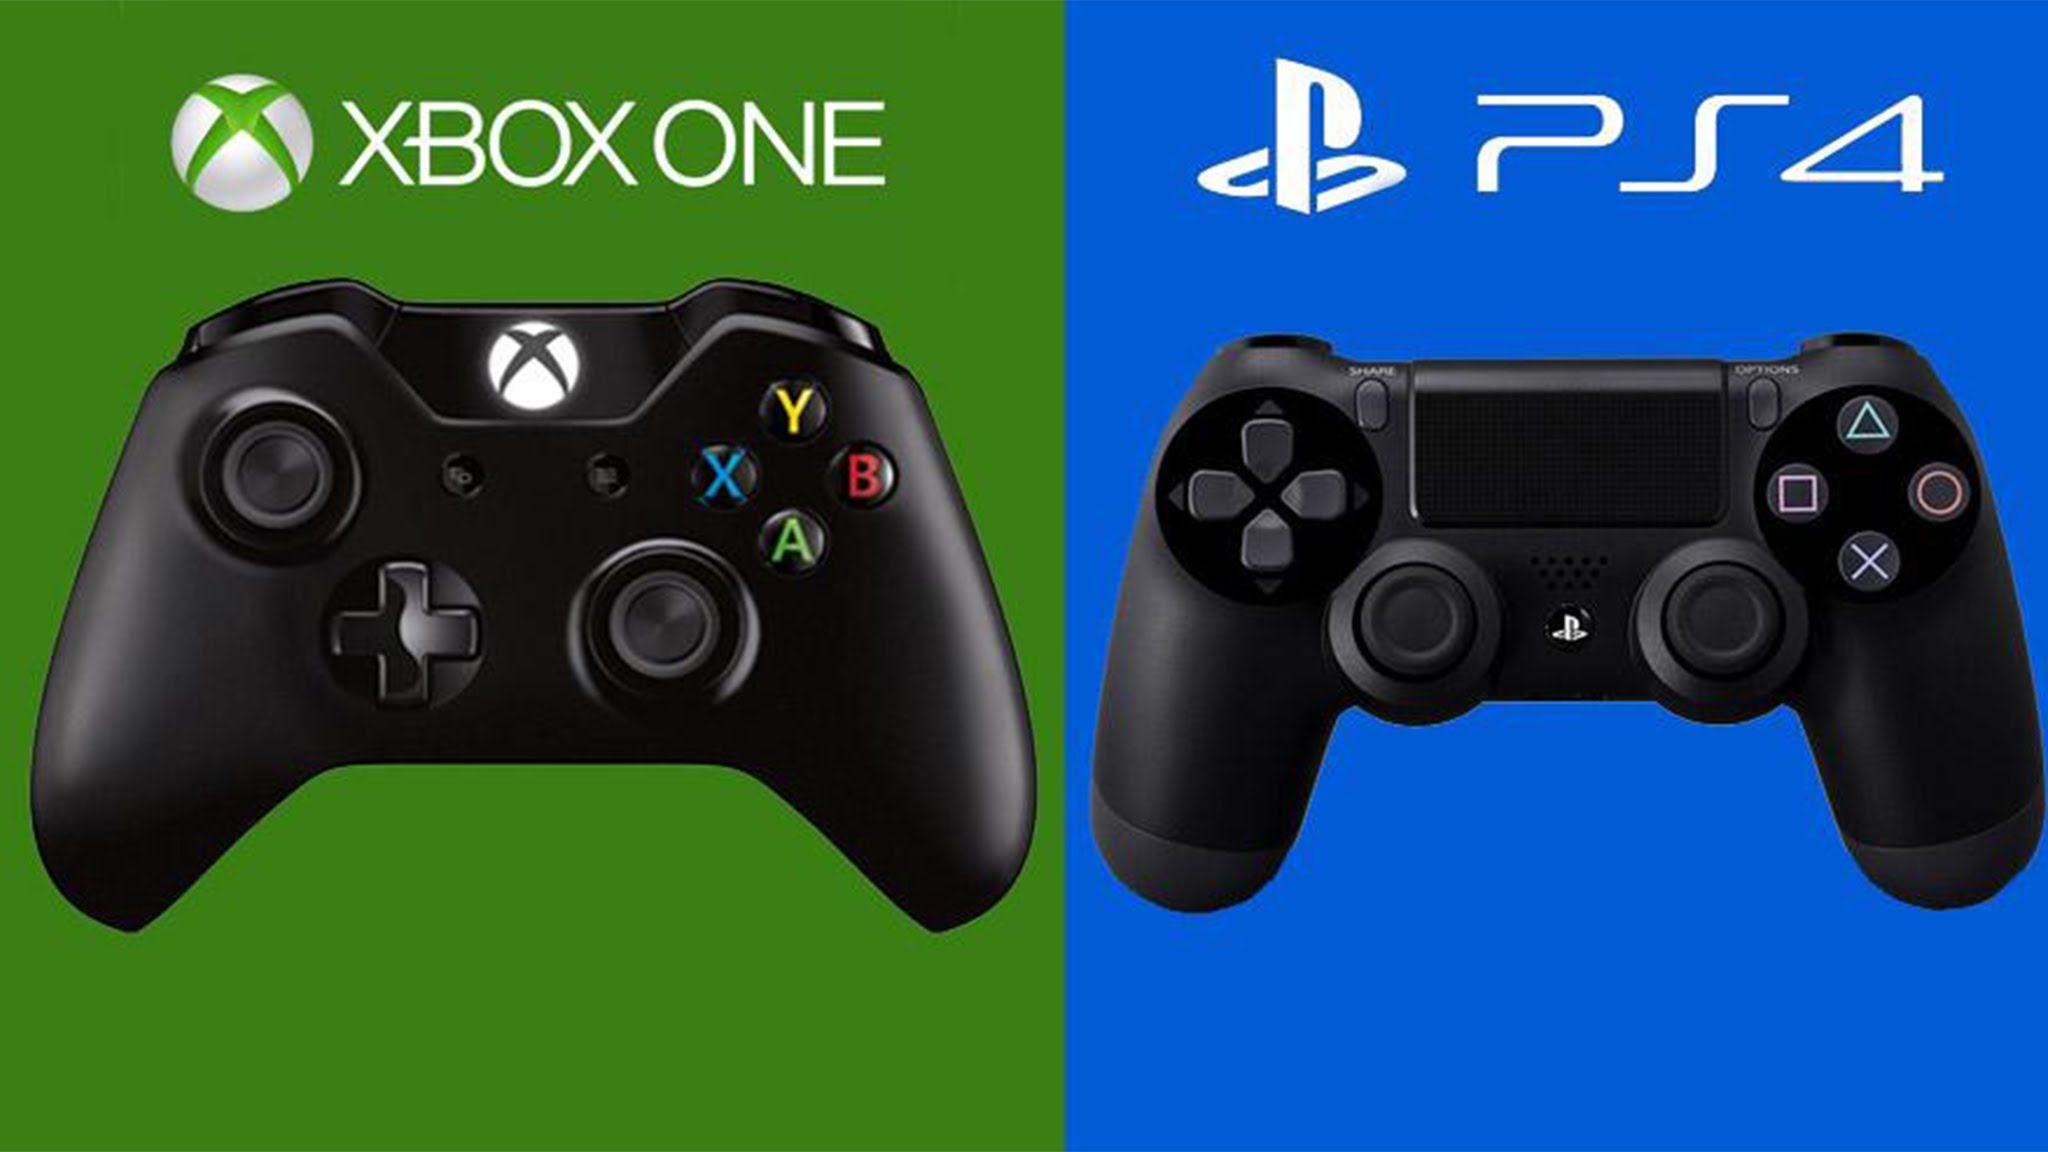 Ganhar Xbox One ou Playstation 4 de Graça